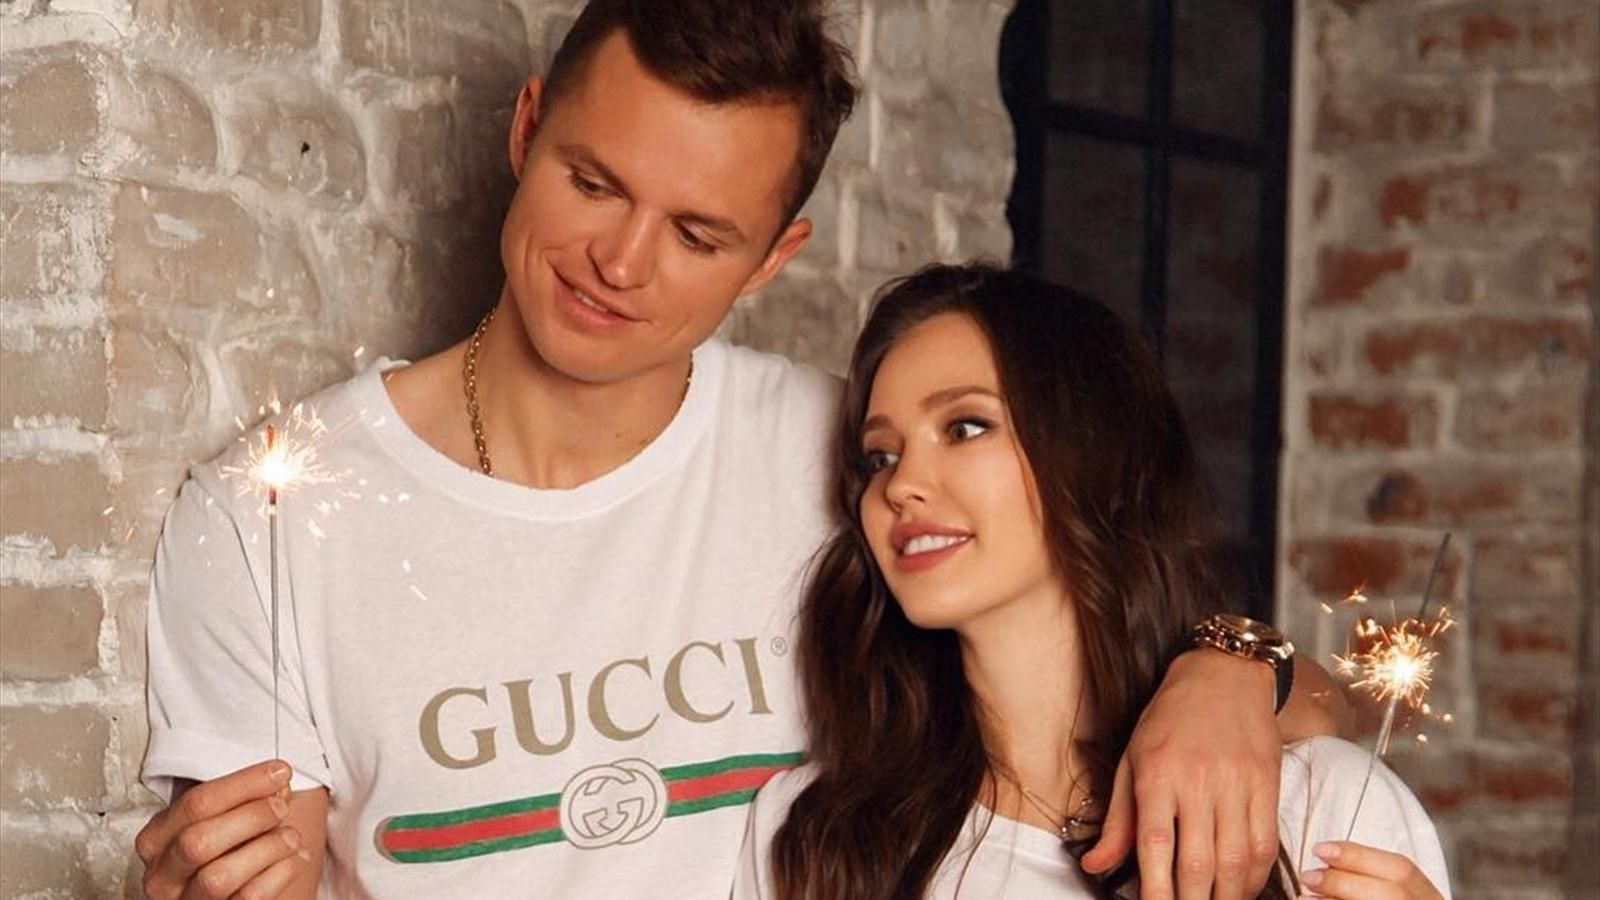 В сети появились первые фото новорожденной дочери Дмитрия Тарасова и Анастасии Костенко